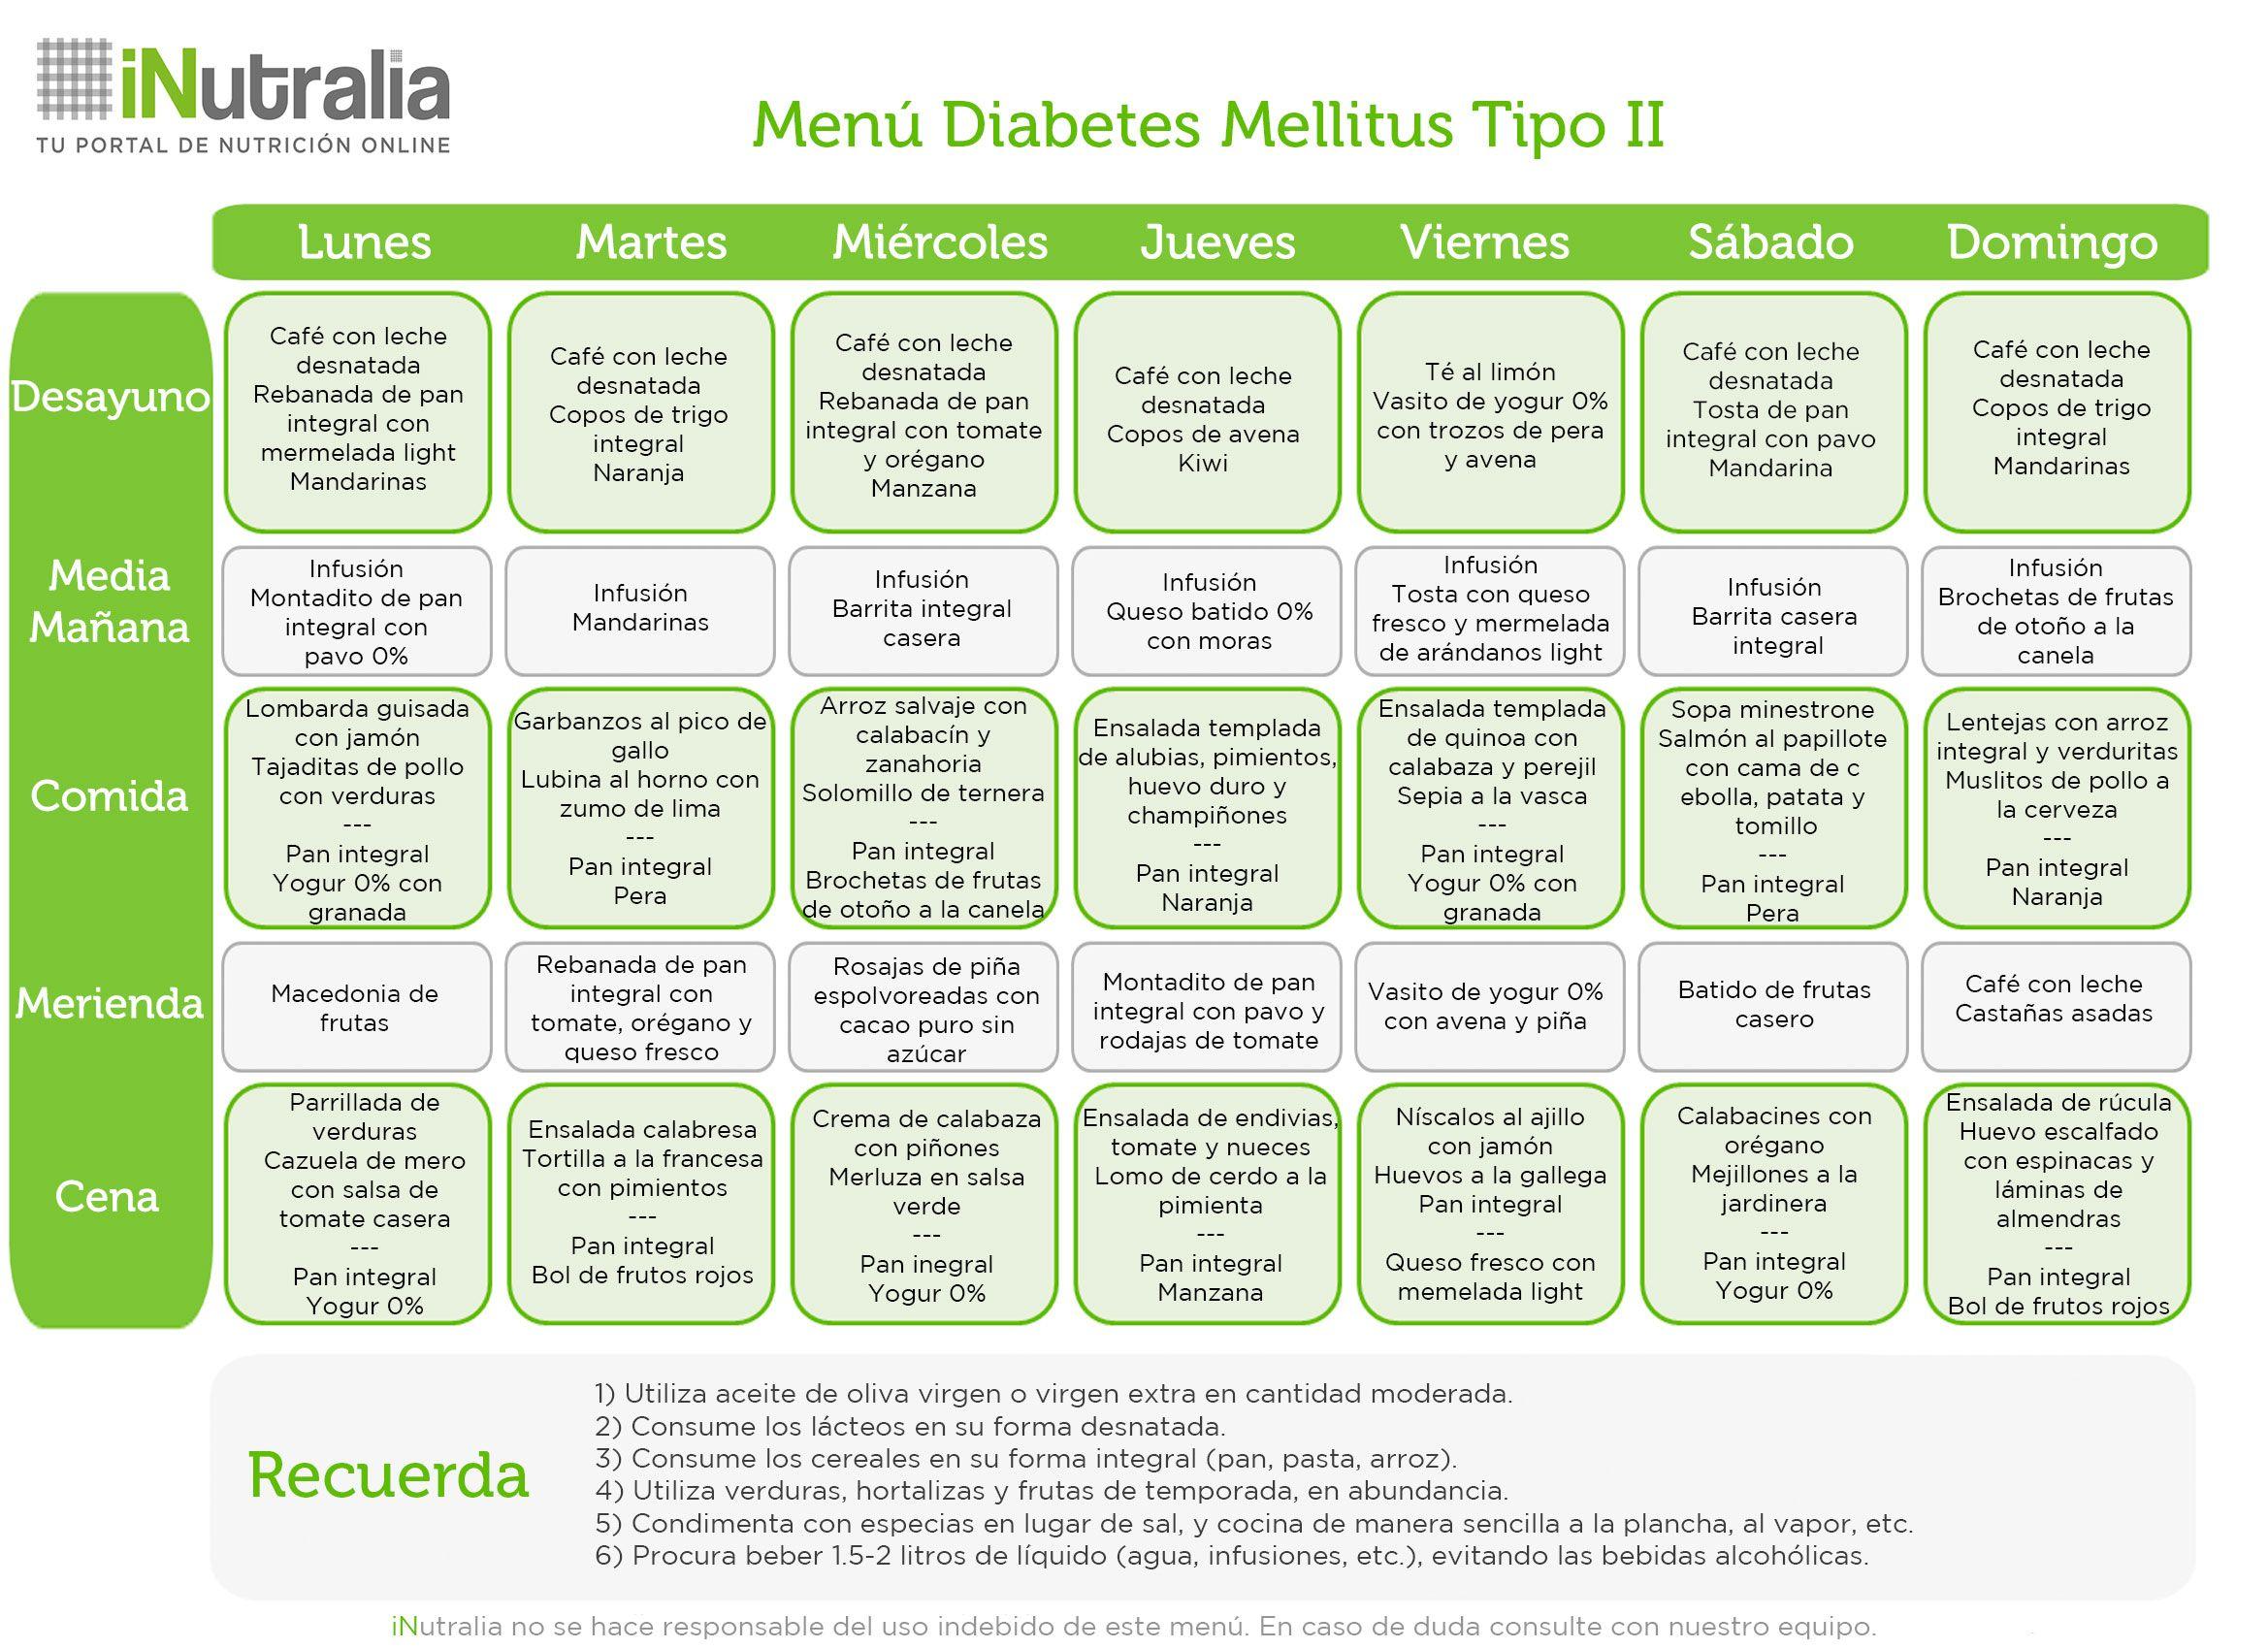 Tratamientos Para Diabetes Tipo 2 | Menu para diabeticos